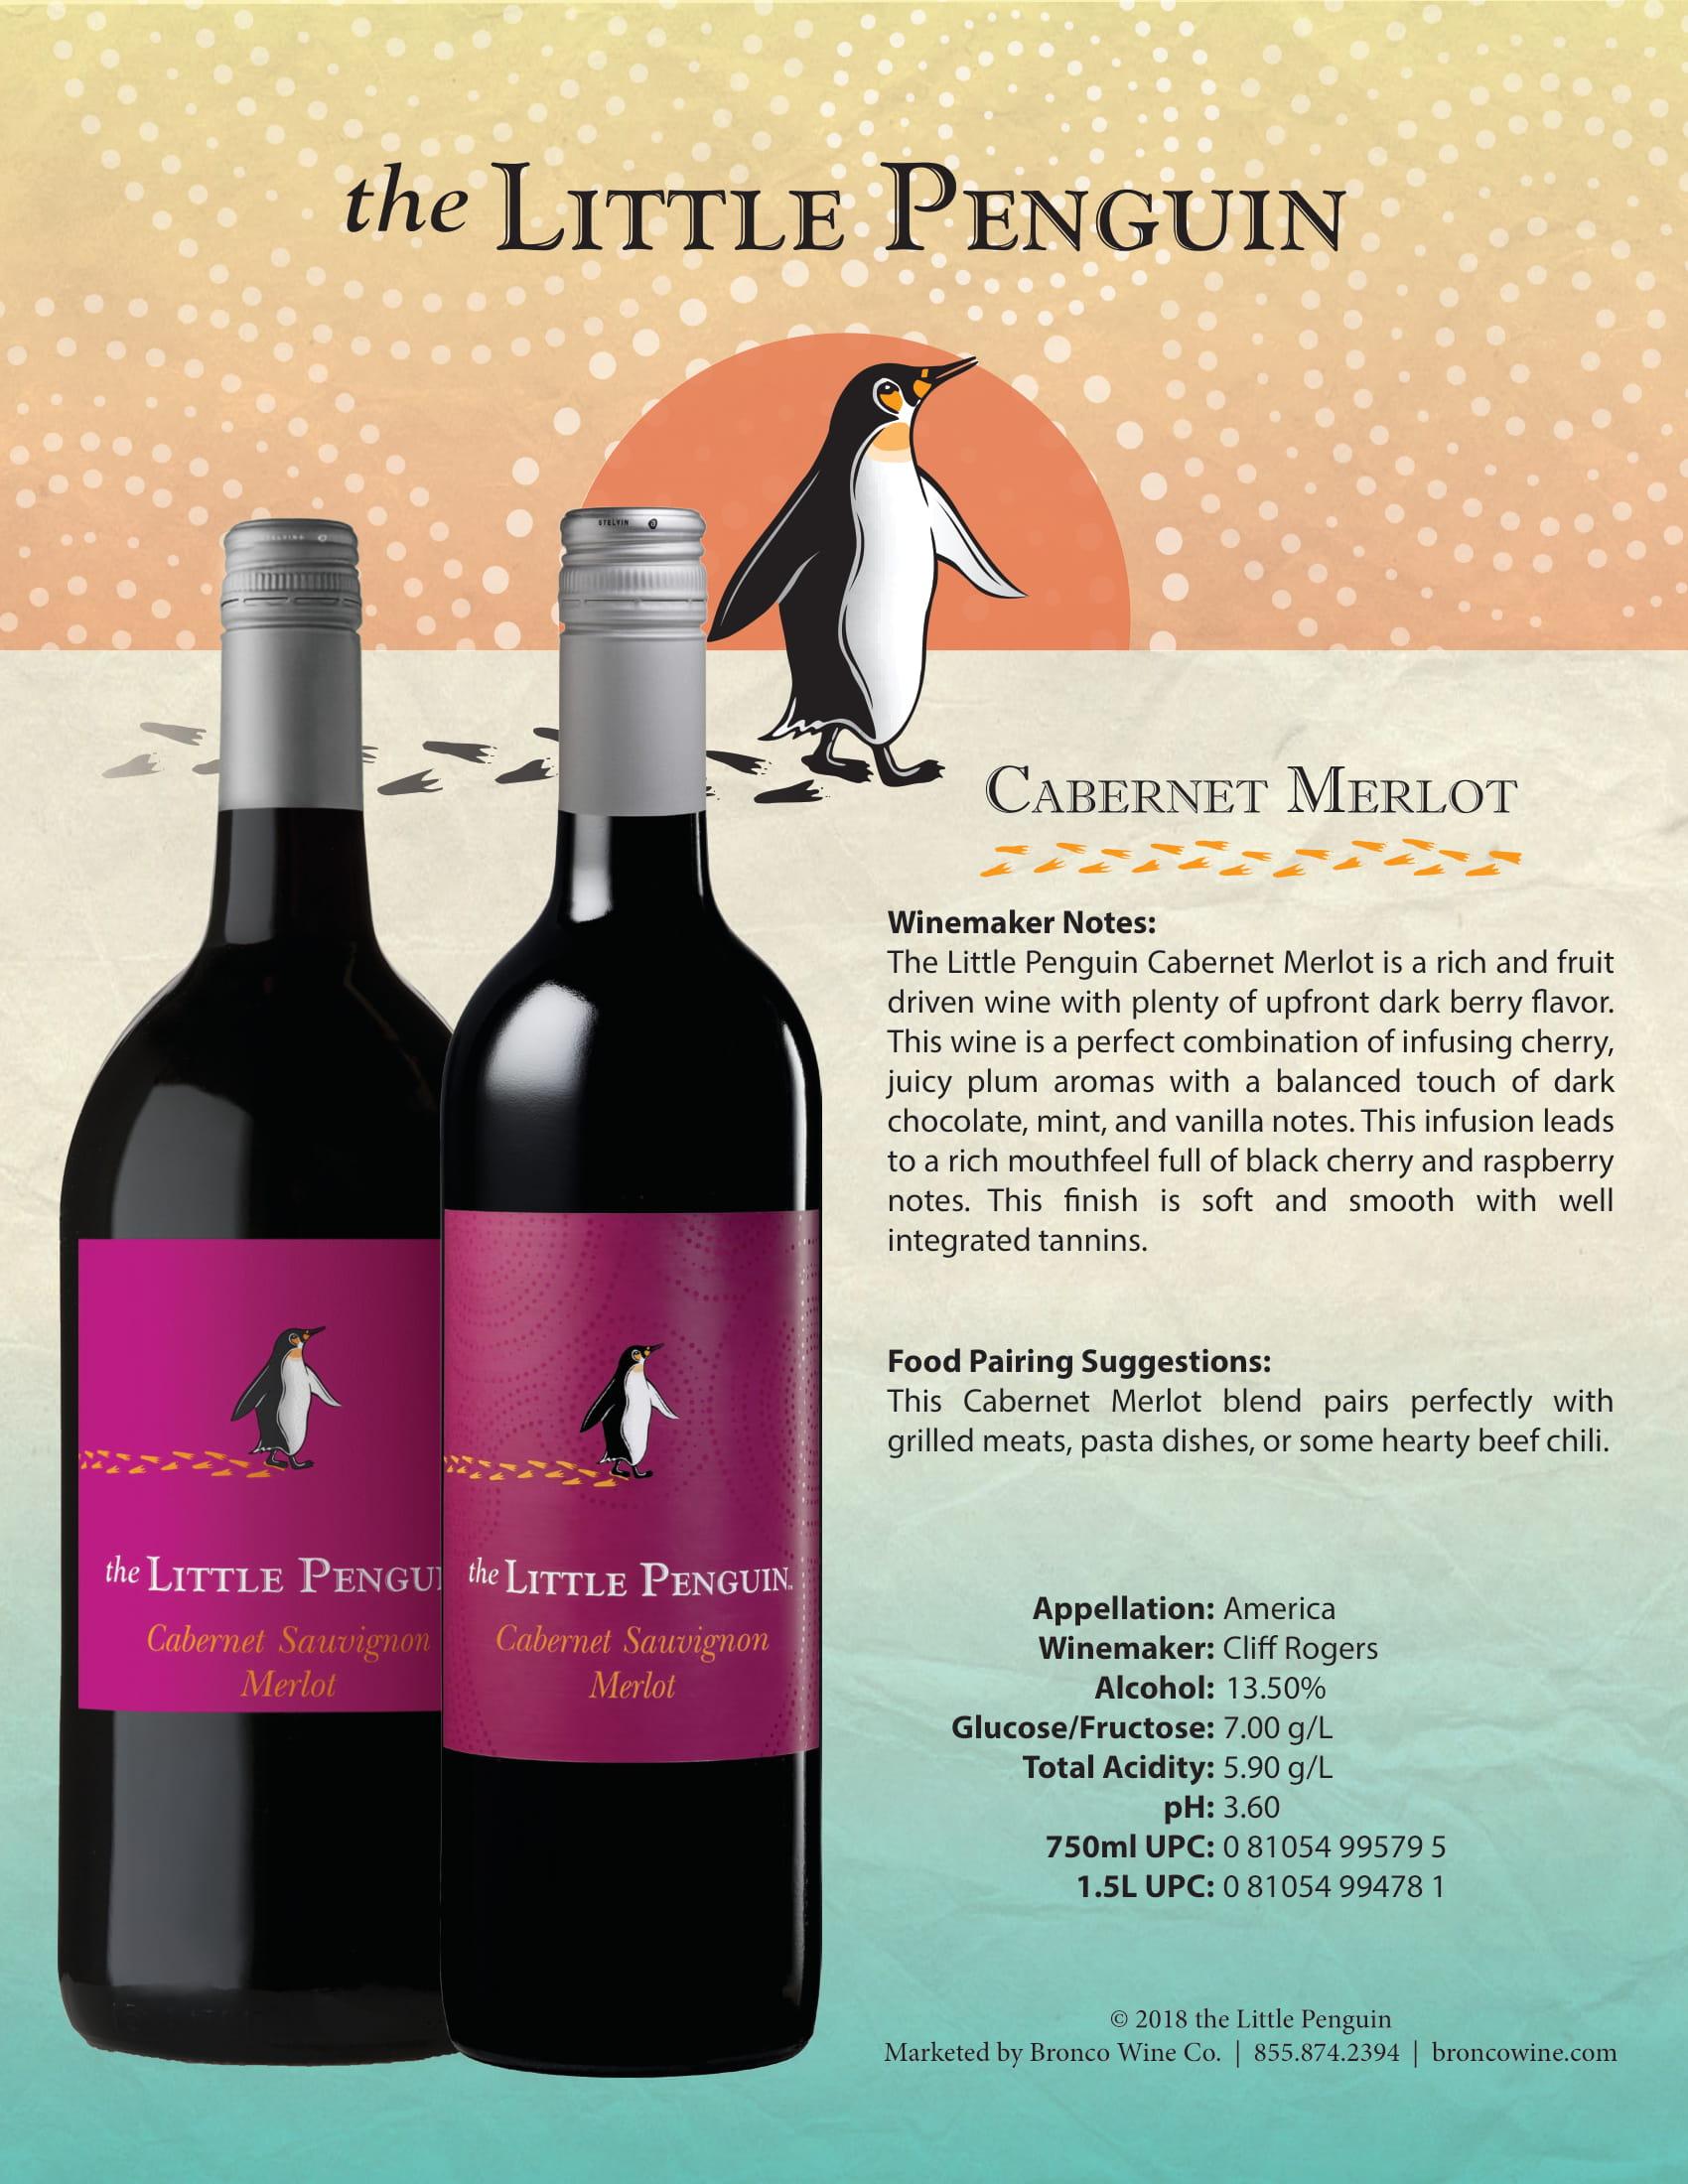 The Little Penguin Cabernet Merlot Tech Sheet